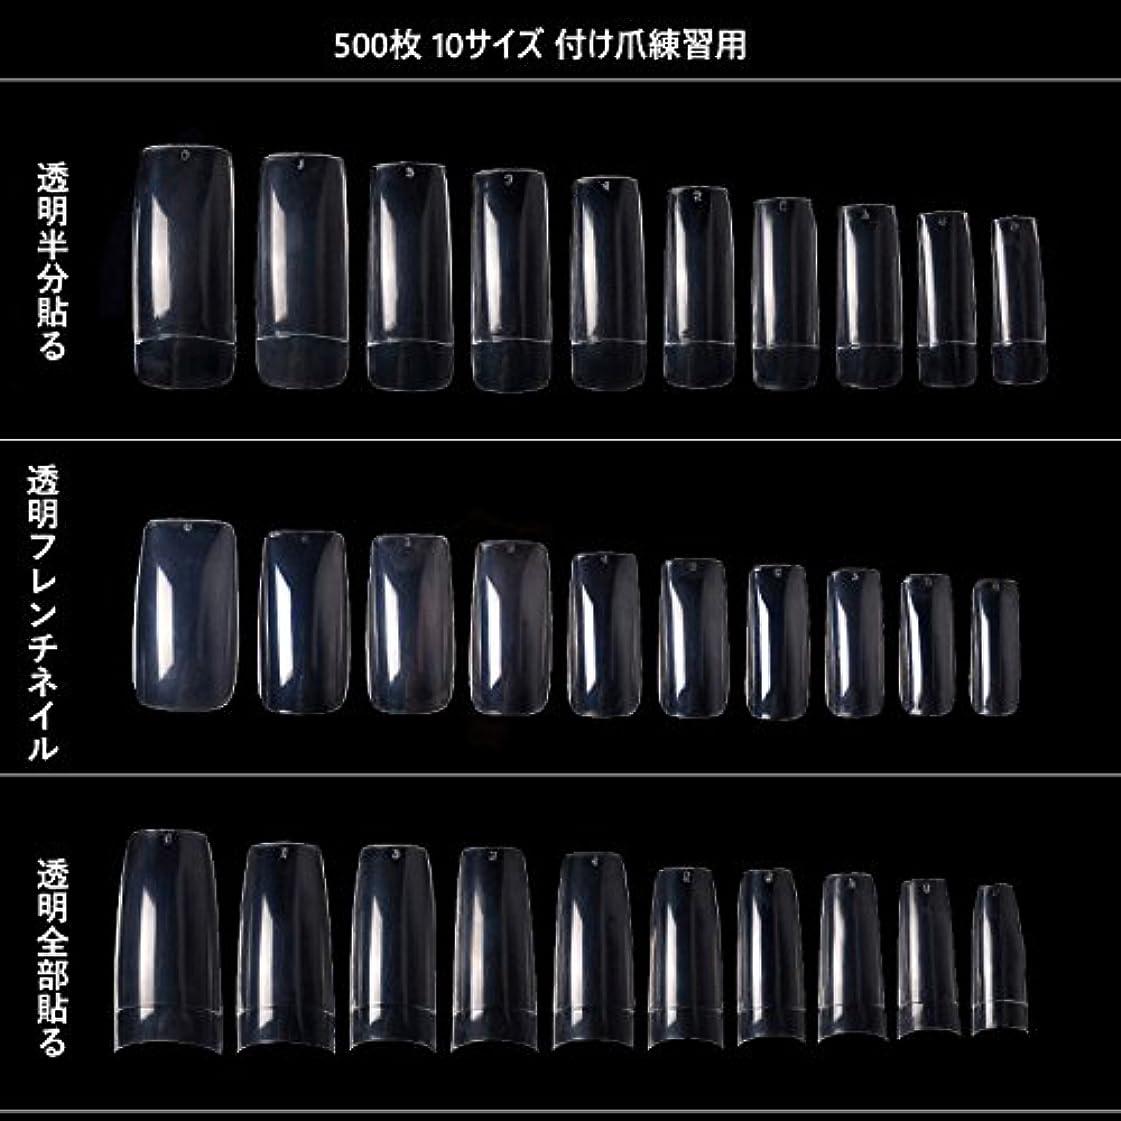 500枚 10サイズ 付け爪練習用 つけ爪 無地 ロング オーバル ネイルチップ クリア ネイルチップ ロング 付け爪 練習用 透明 (透明半分貼る)